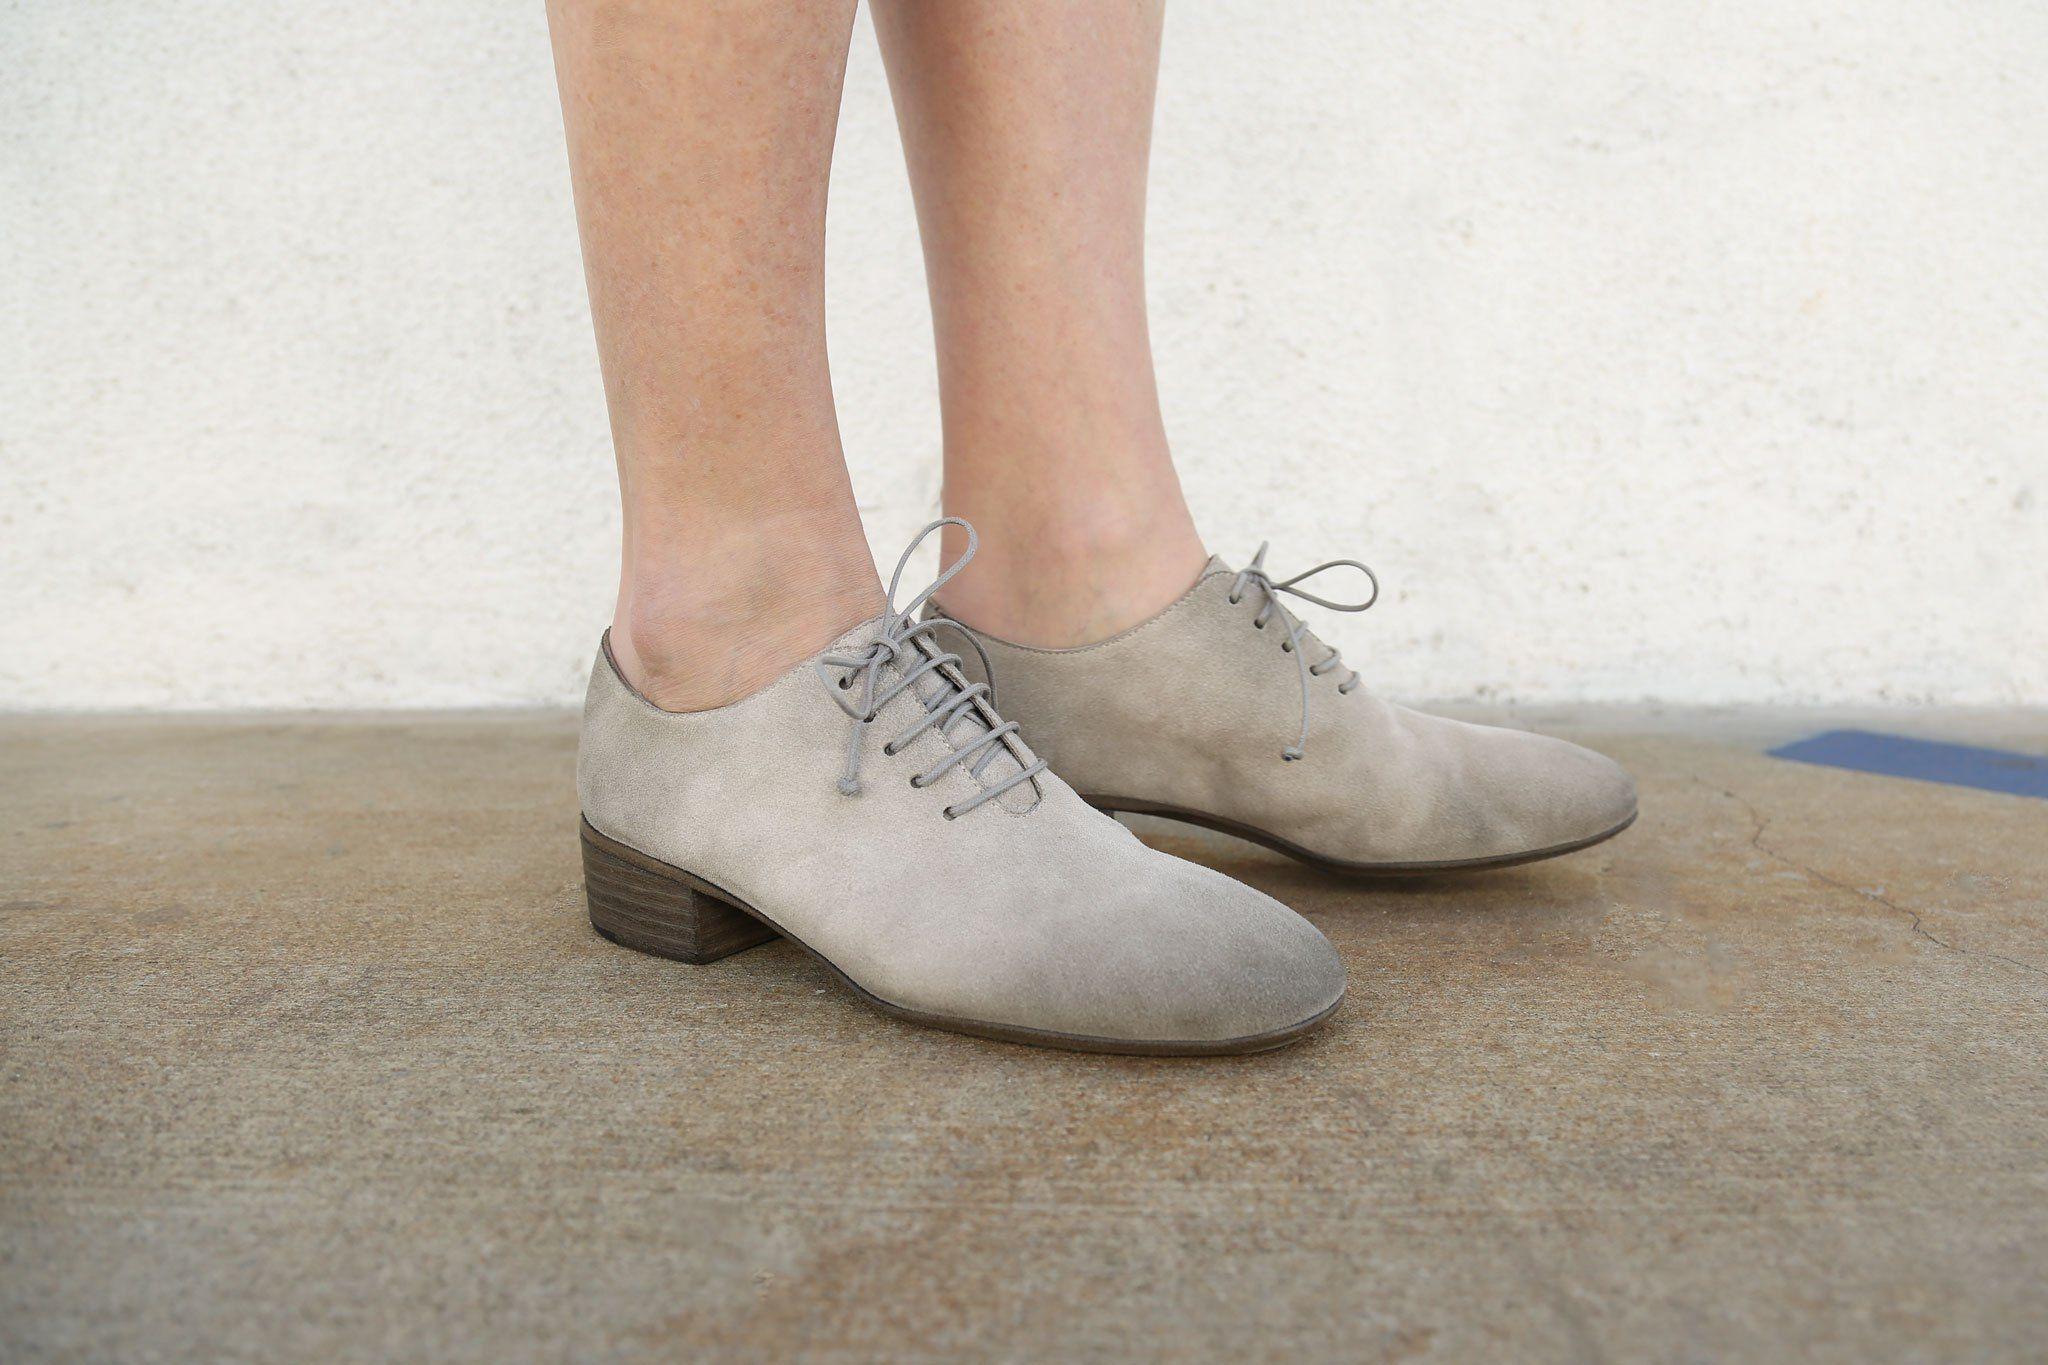 Esszimmer wandnische cetriolone lace up shoe asphalt  products  pinterest